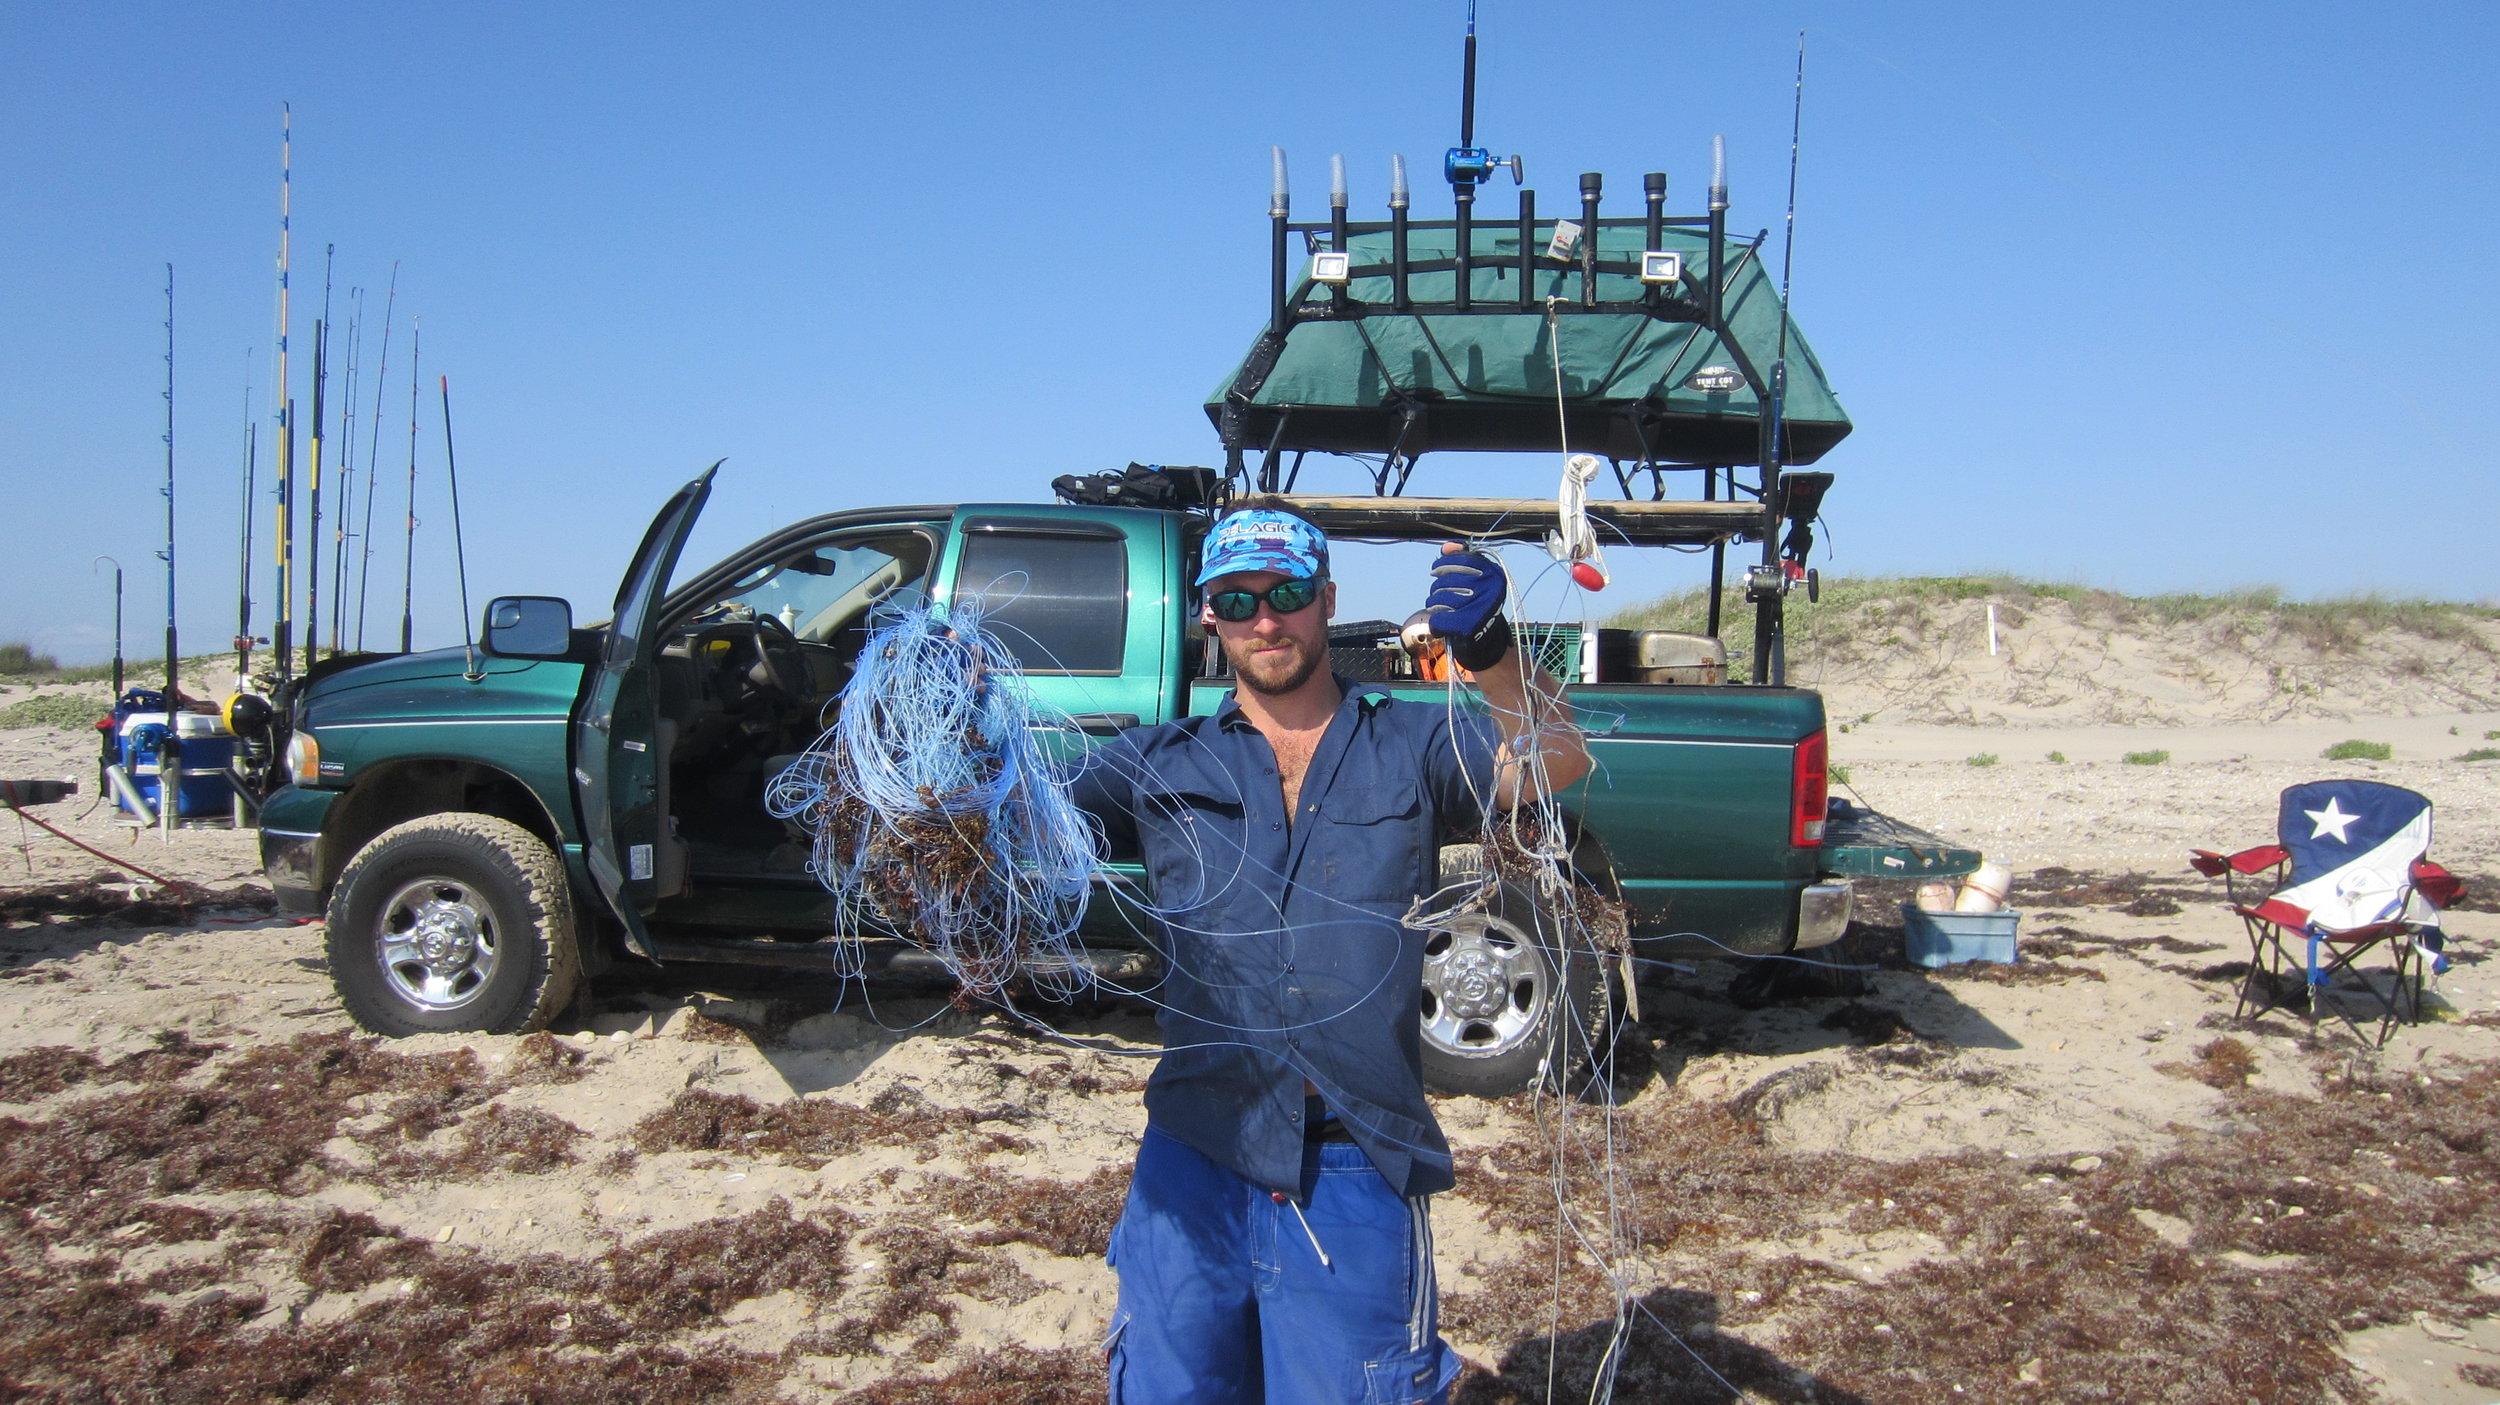 Seaweed ruined topsheet, heavy weed season year